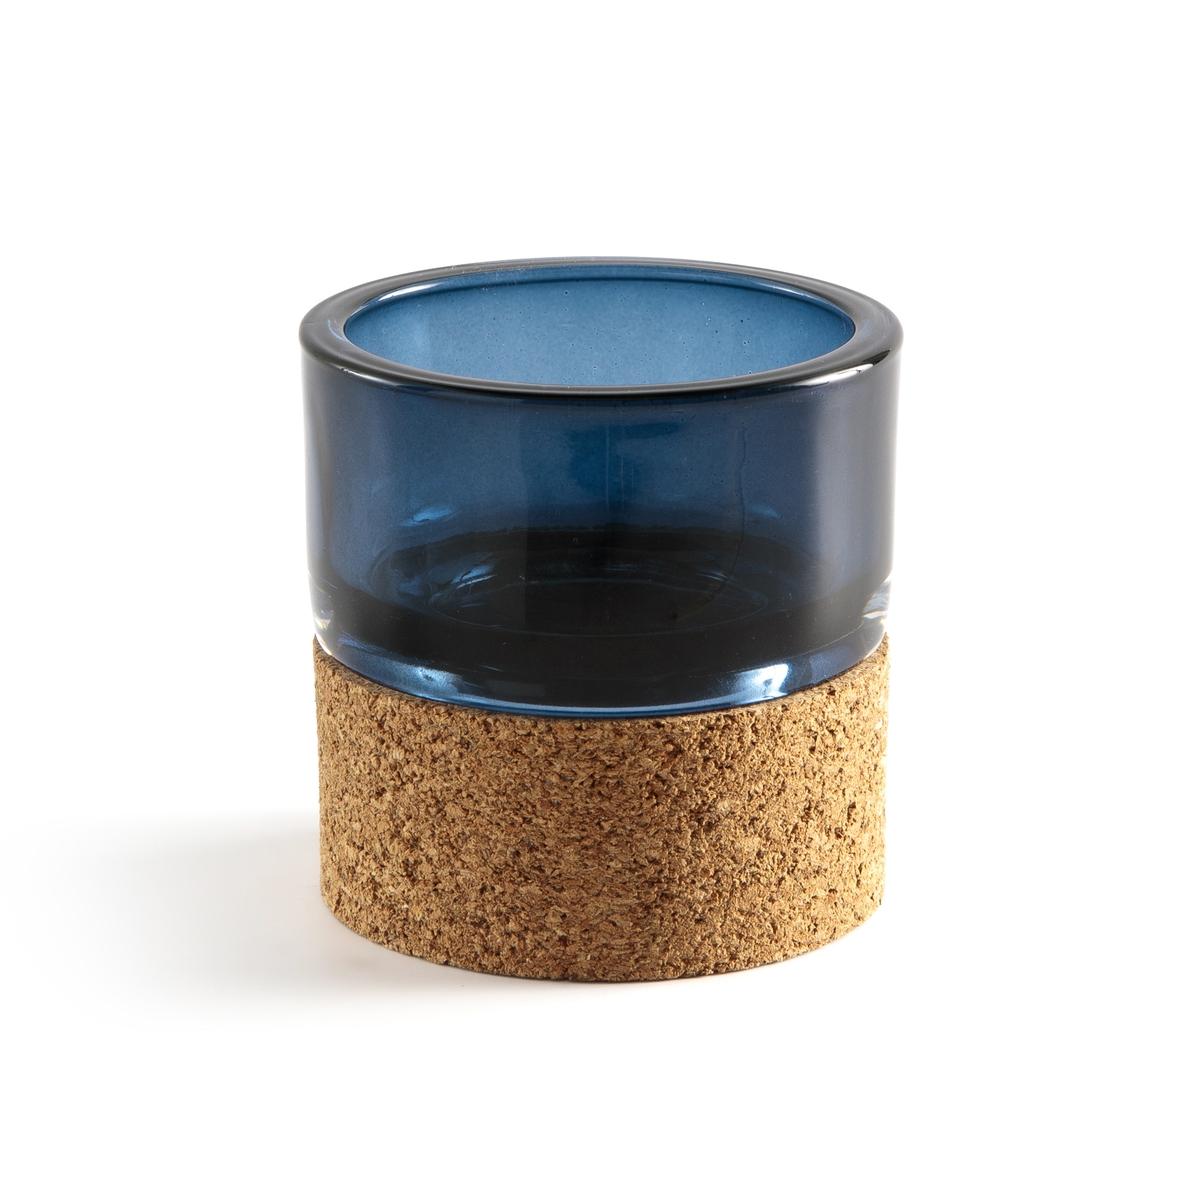 Подсвечник La Redoute Декоративный из стекла и пробки Masao единый размер синий